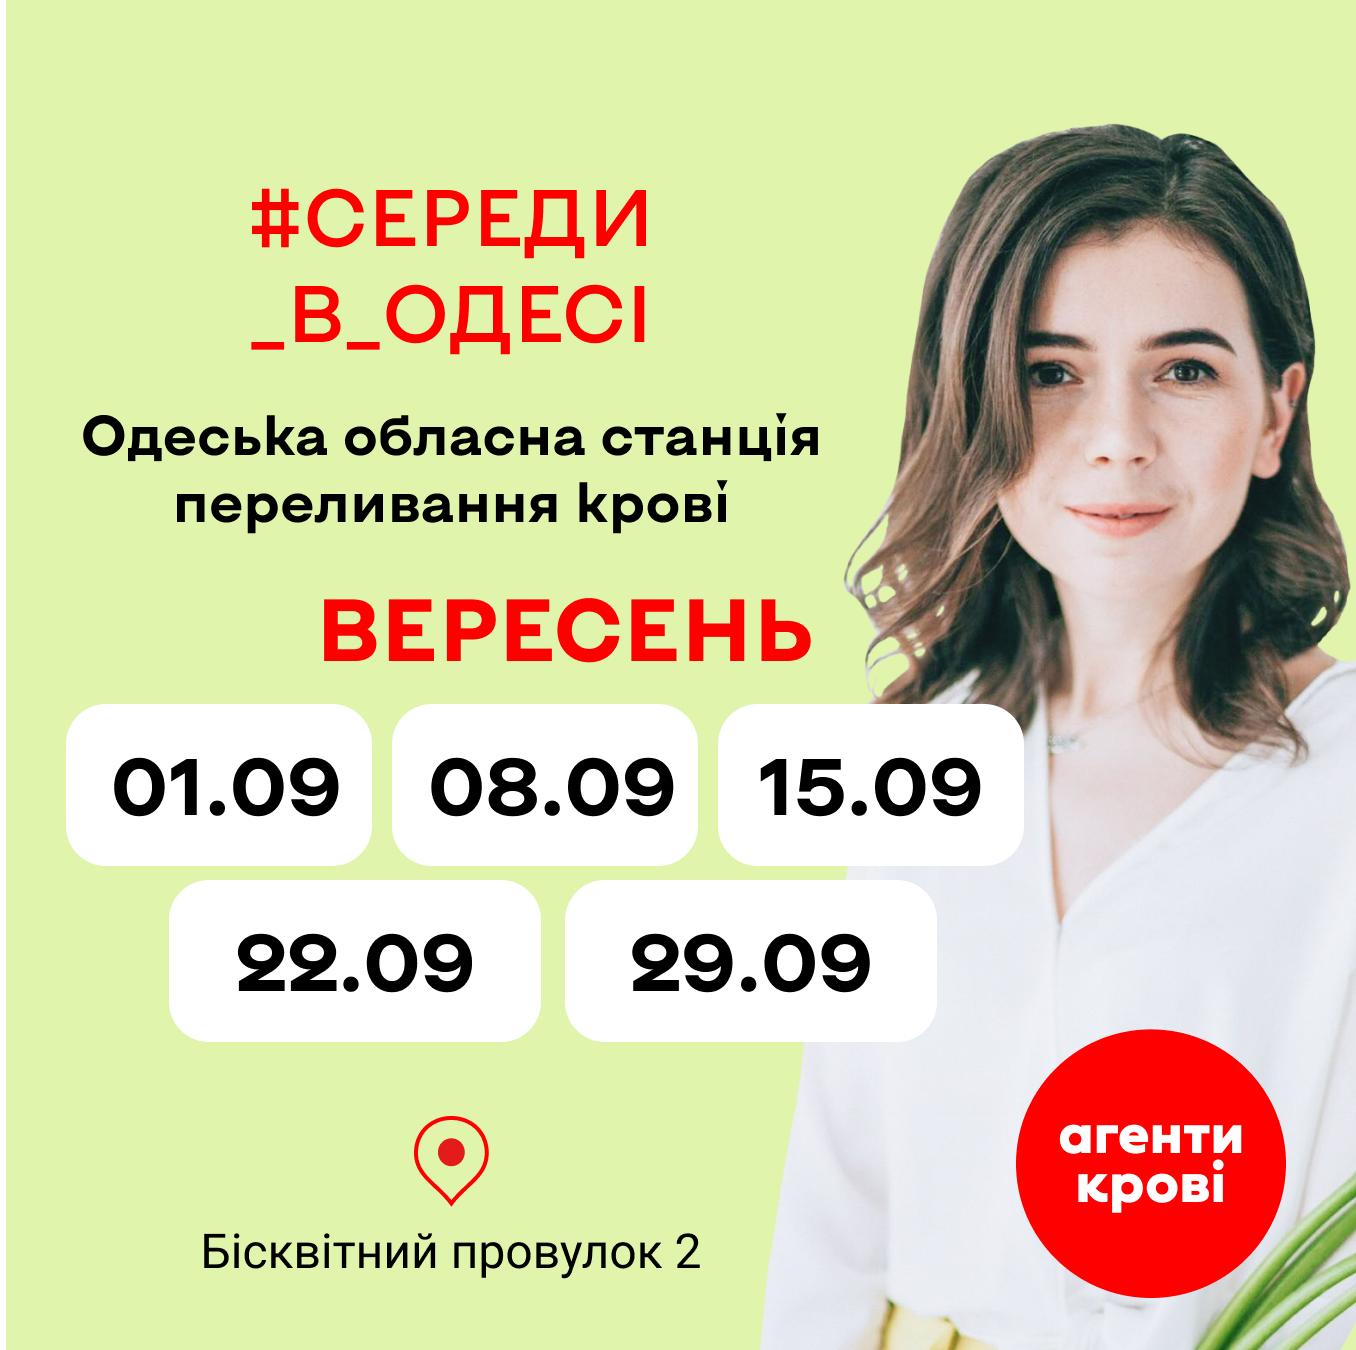 [Агенти крові] Середи в Одесі  08.09.2021